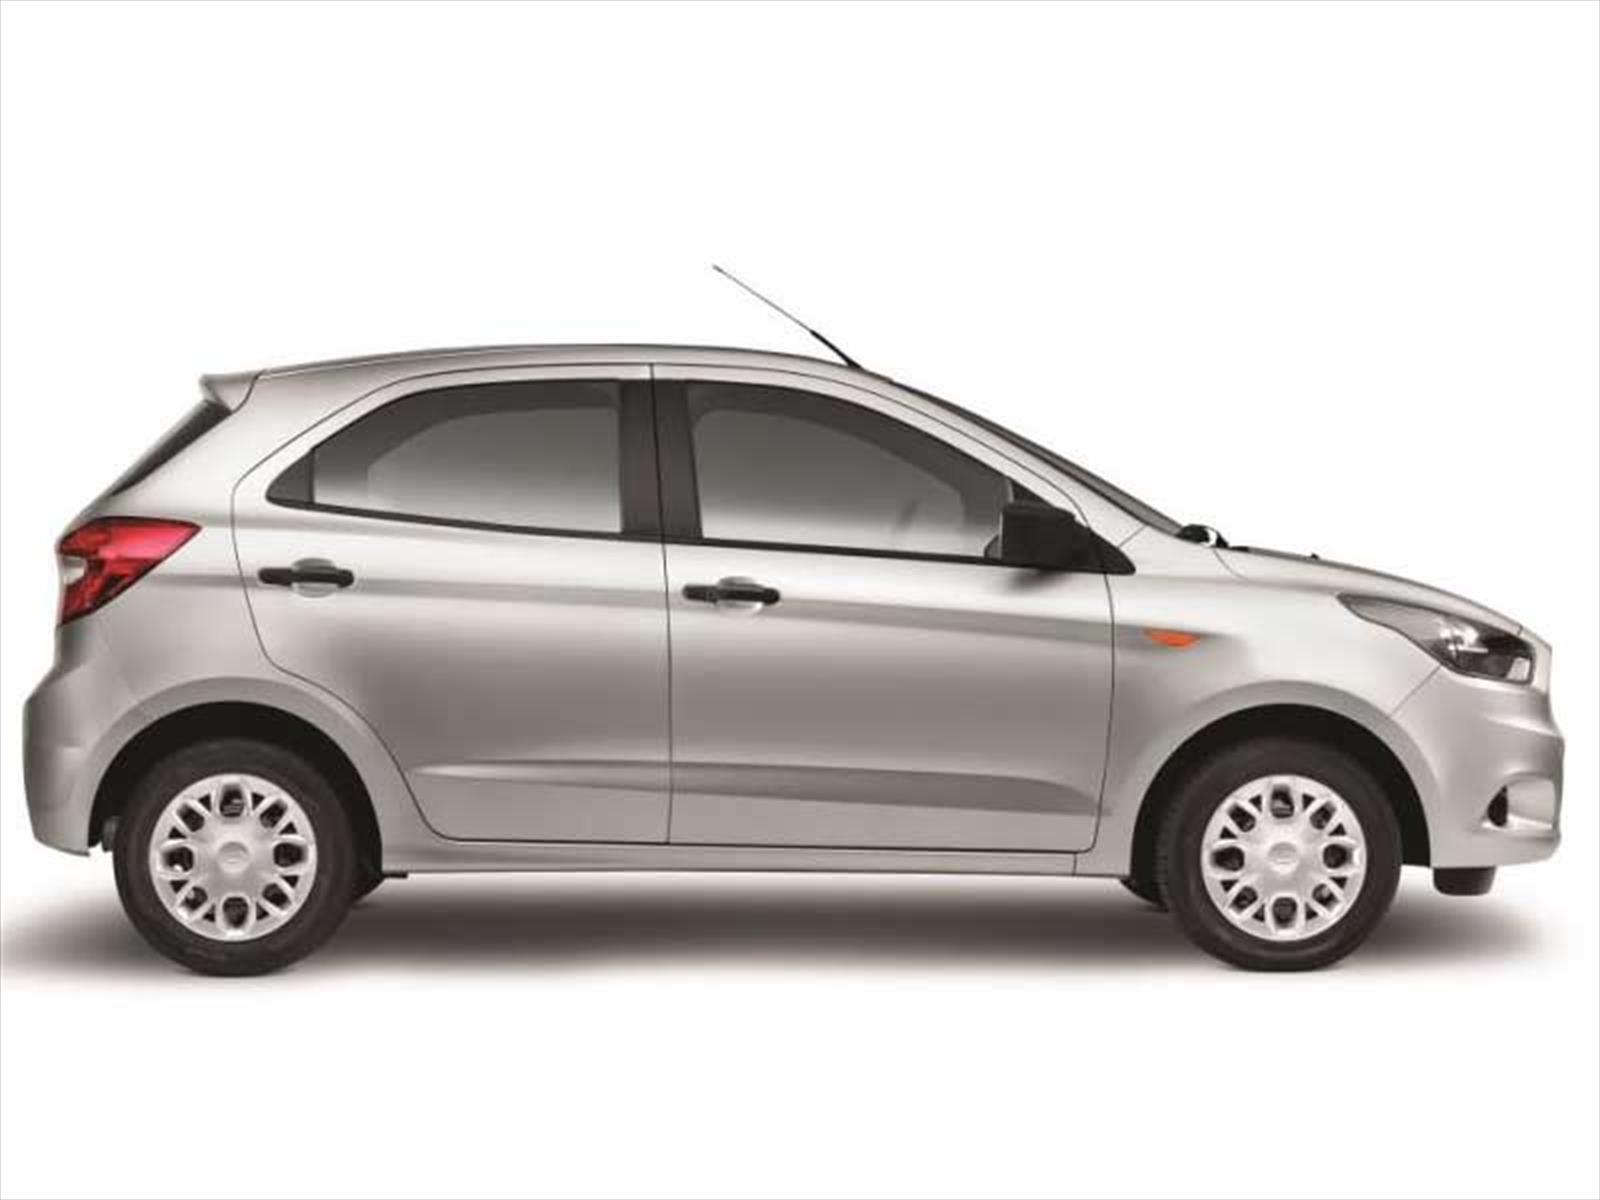 Ford Figo Hatchback 2016 - Autocosmos.com